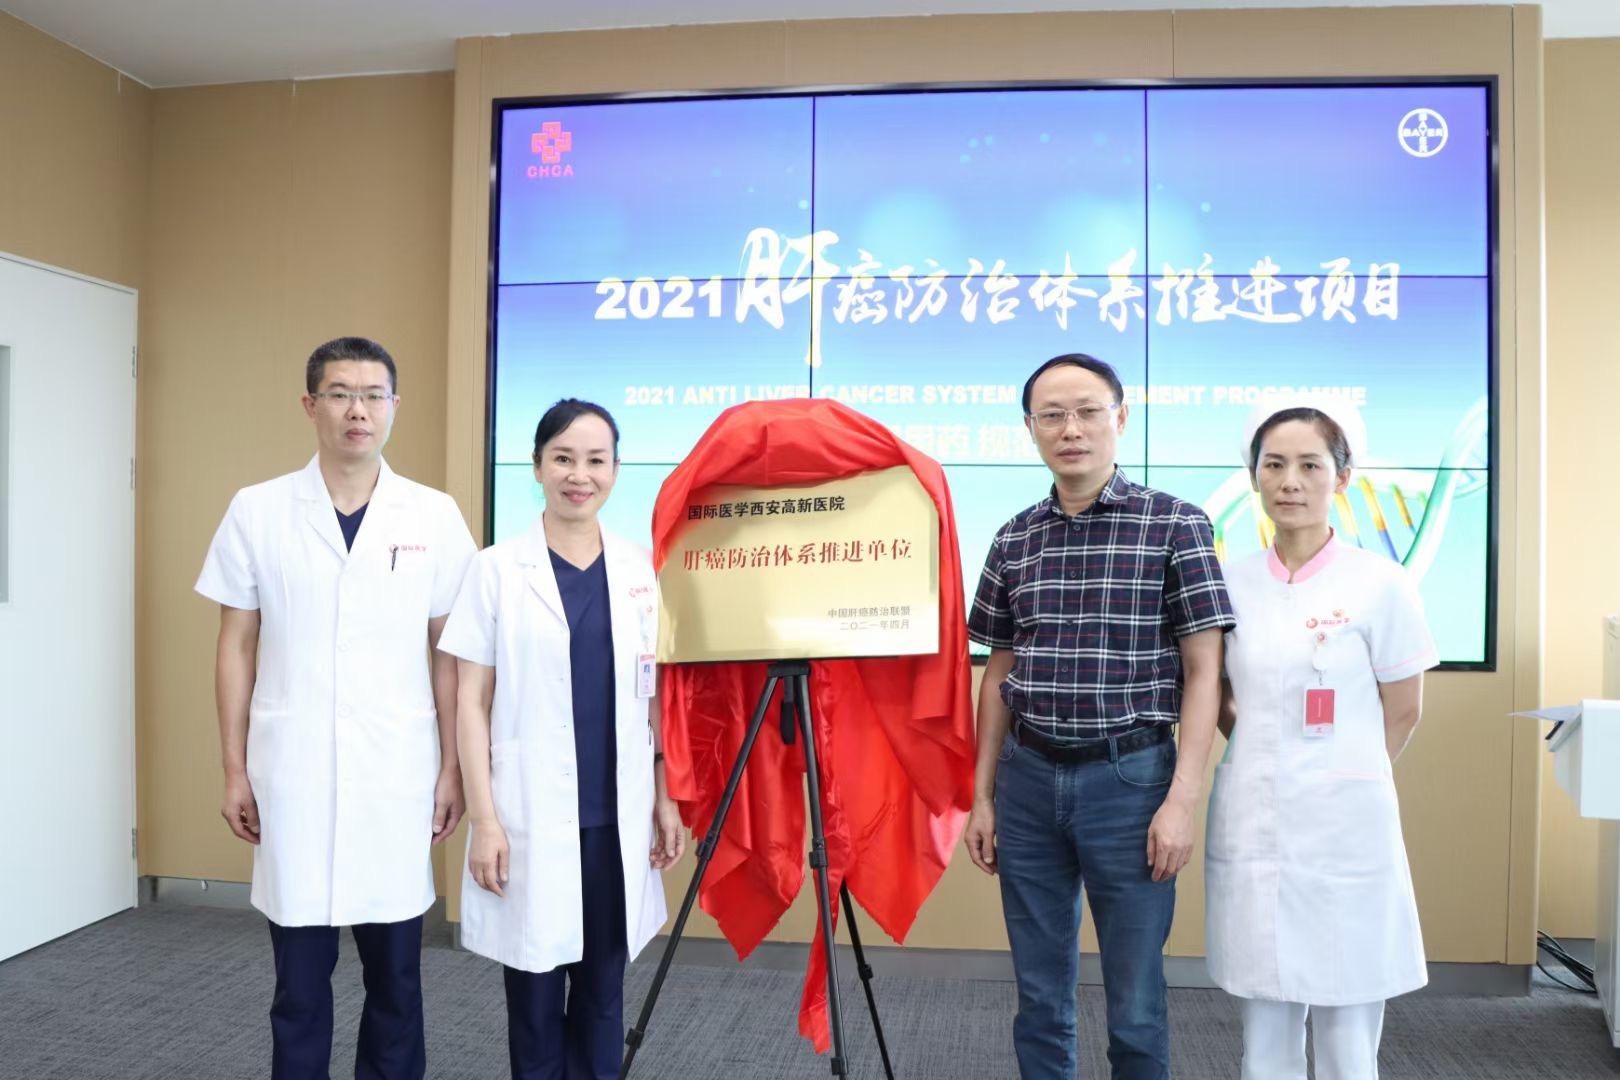 中国肝癌防治联盟体系推进项目